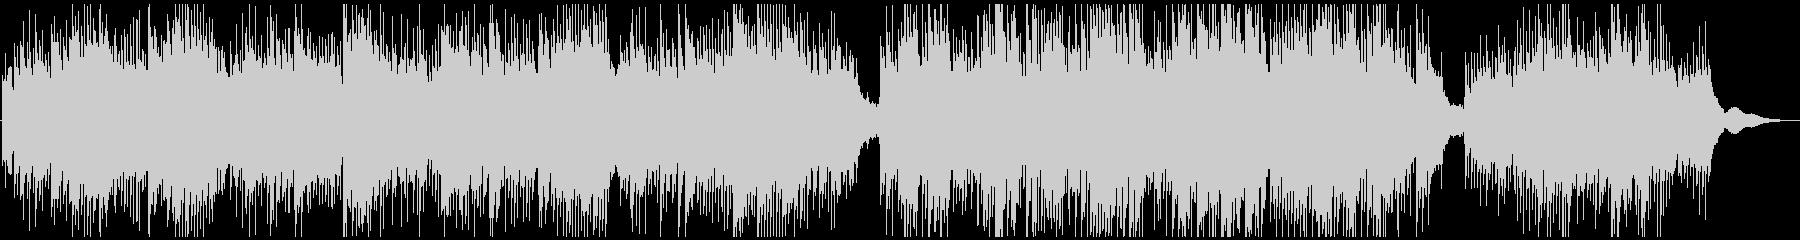 ドローン映像系の浮揚感ピアノアンビエントの未再生の波形